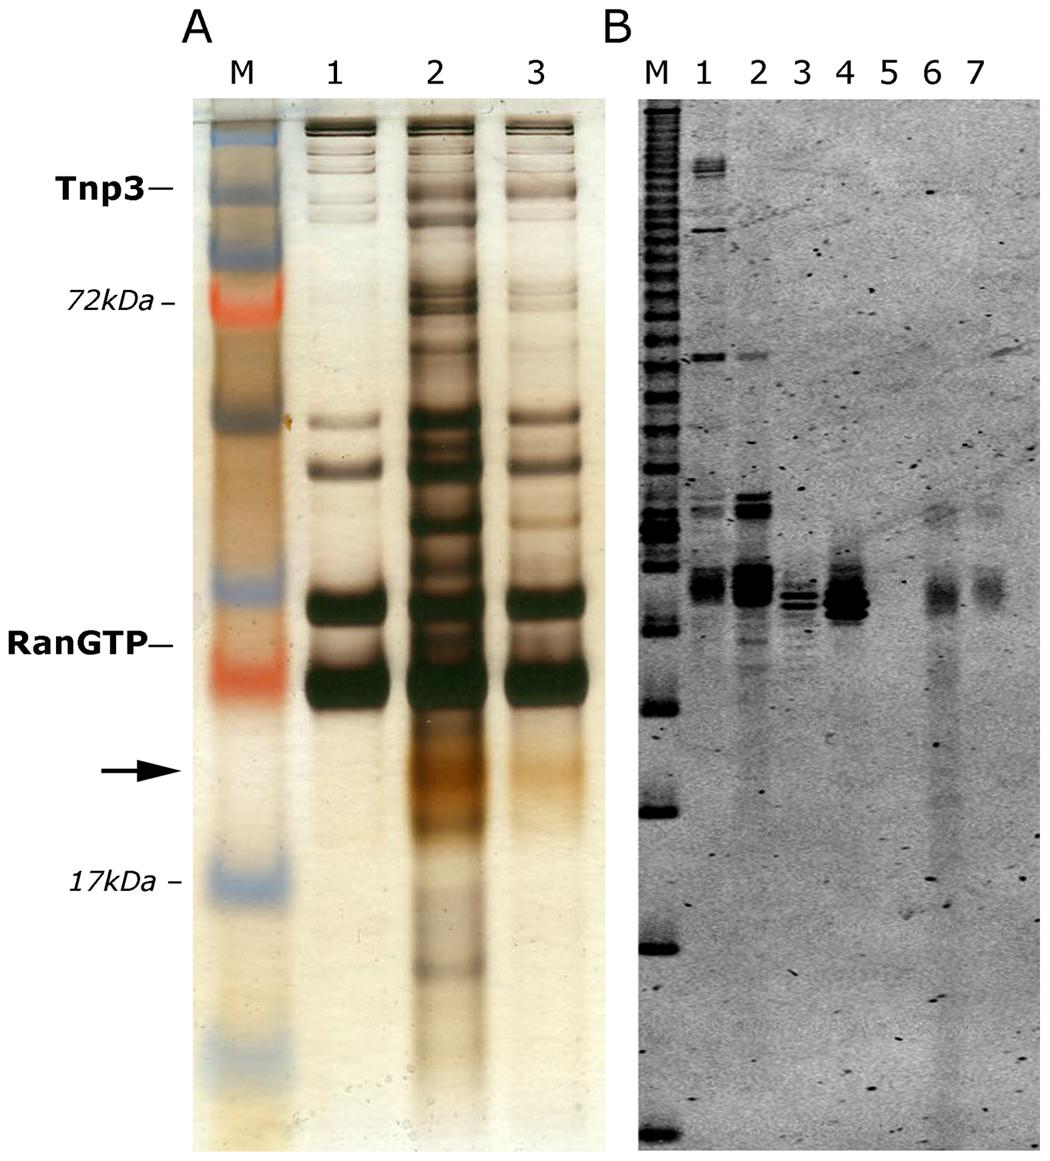 Tnp3 binds cellular tRNAs.